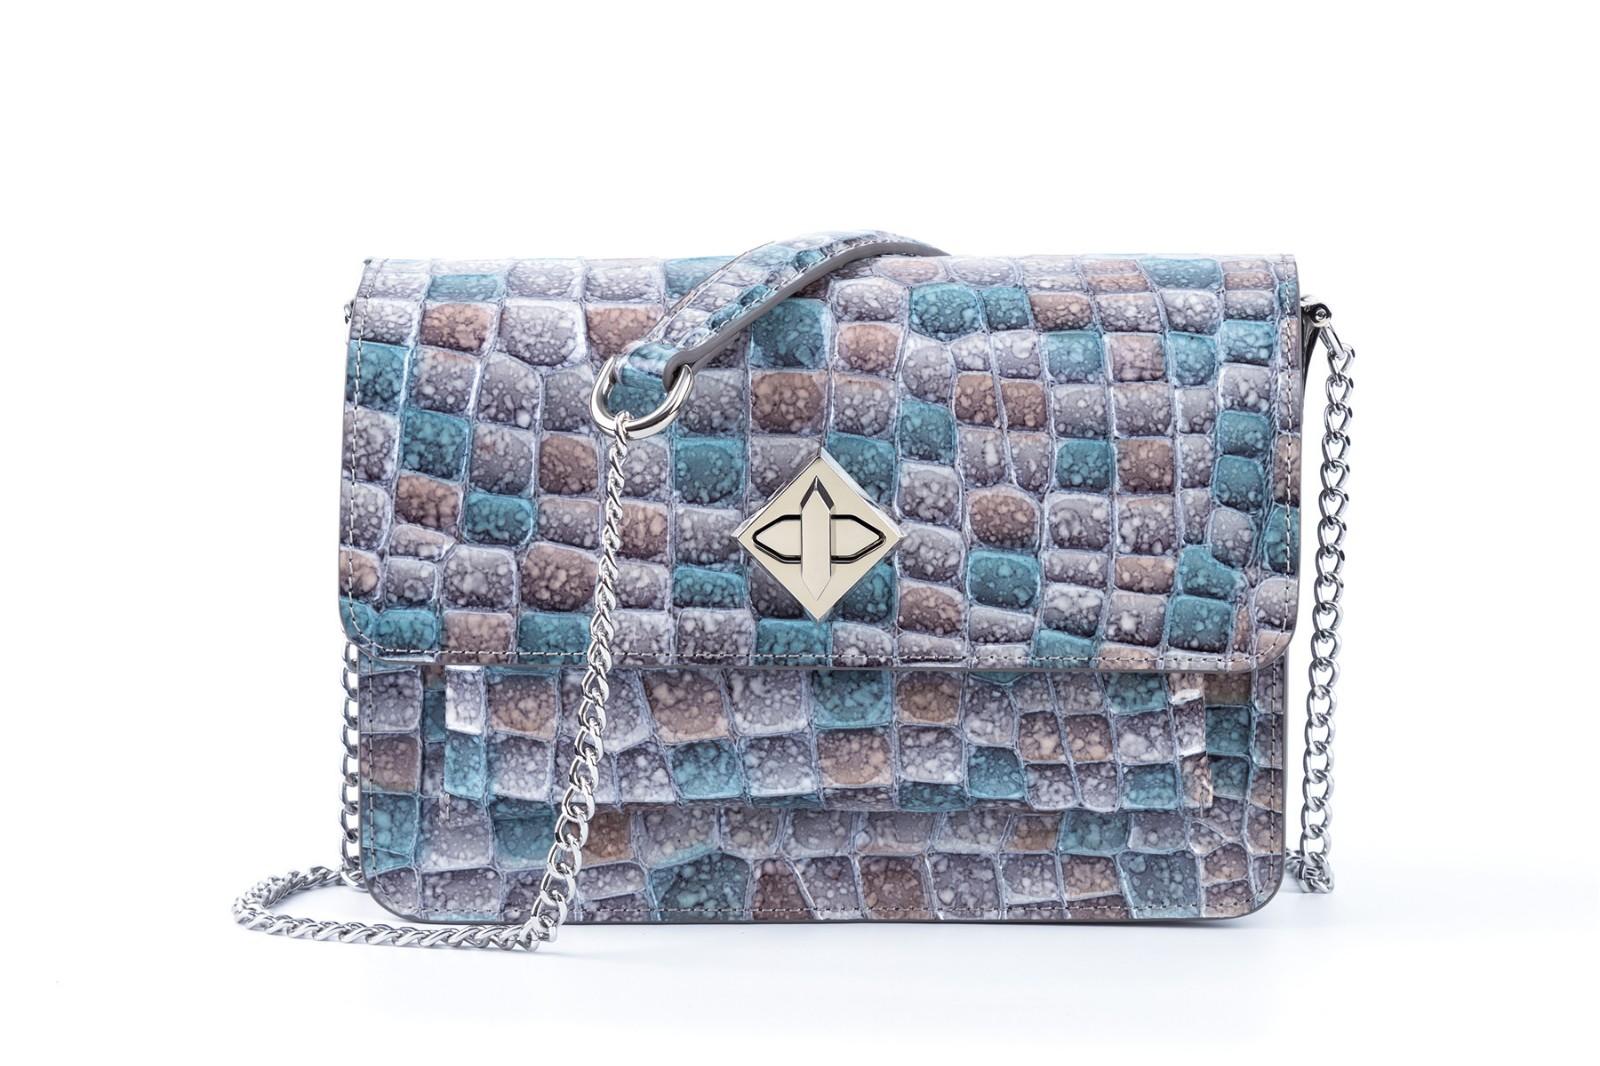 GF bags-Custom Cheap Shoulder Bags Manufacturer, Simple Shoulder Bag | Gf Bags